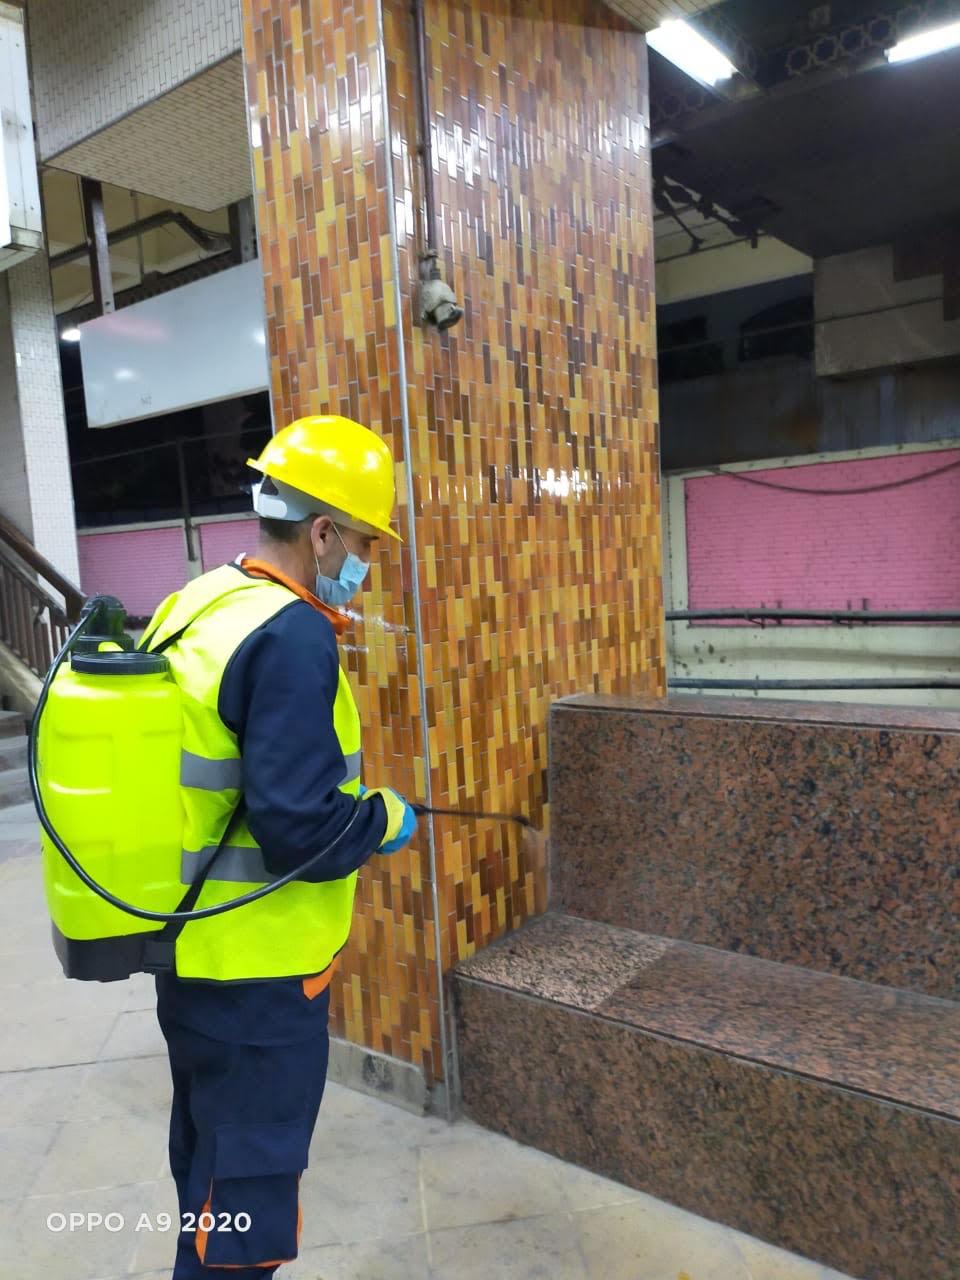 المترو يواصل أعمال تعقيم وتطهير القطارات والمحطات ضد كورونا (16)